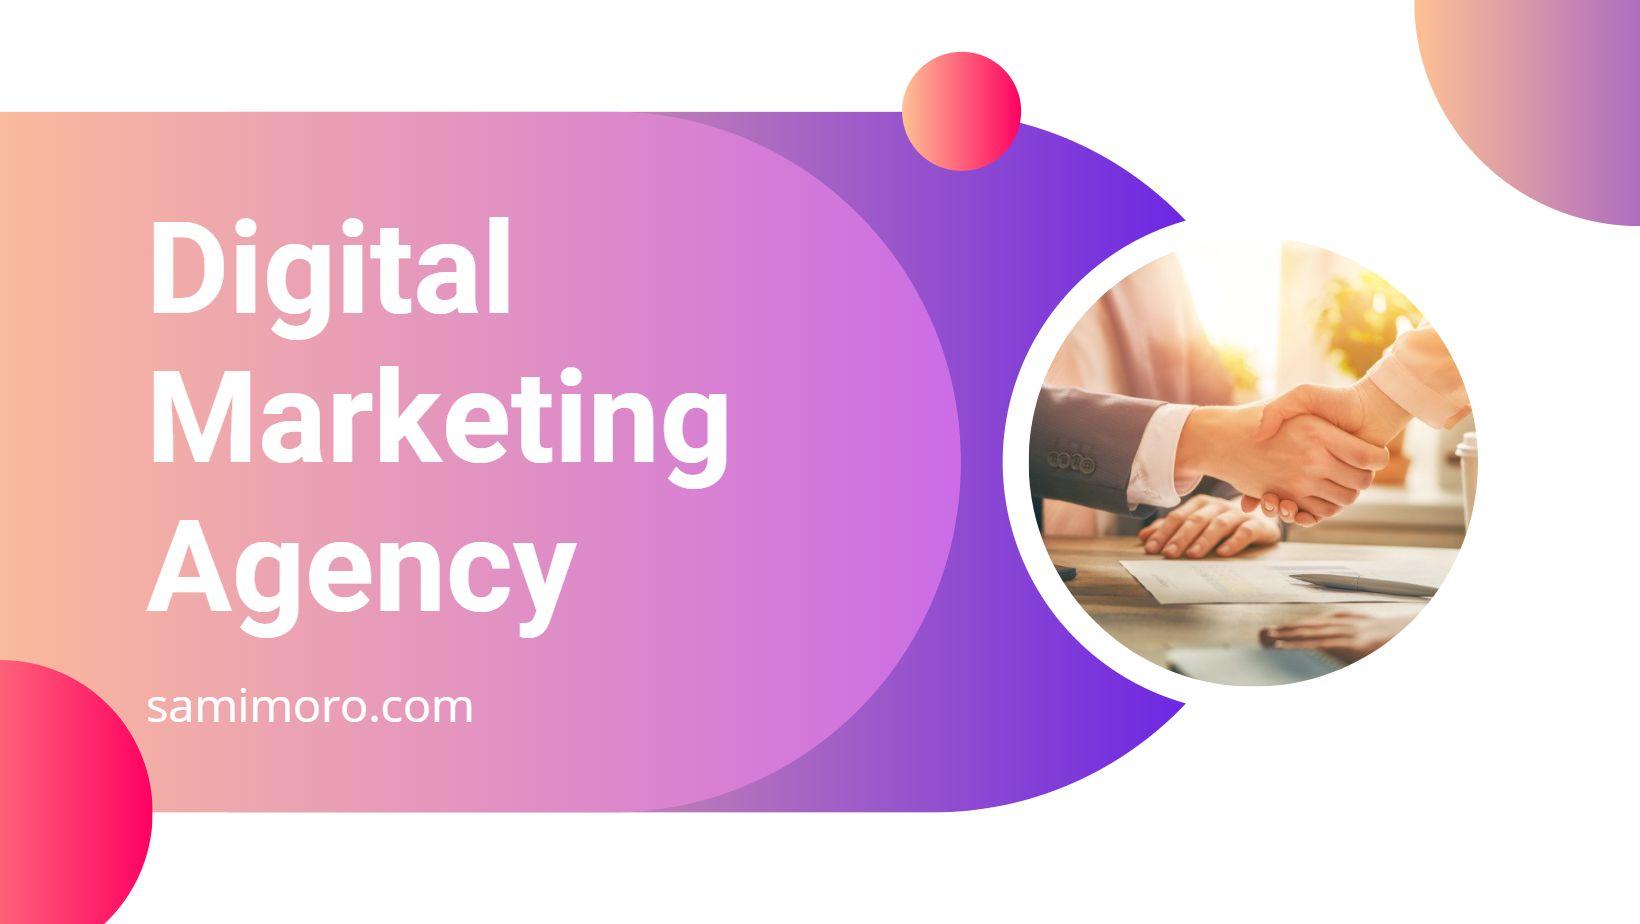 agen digital marketing